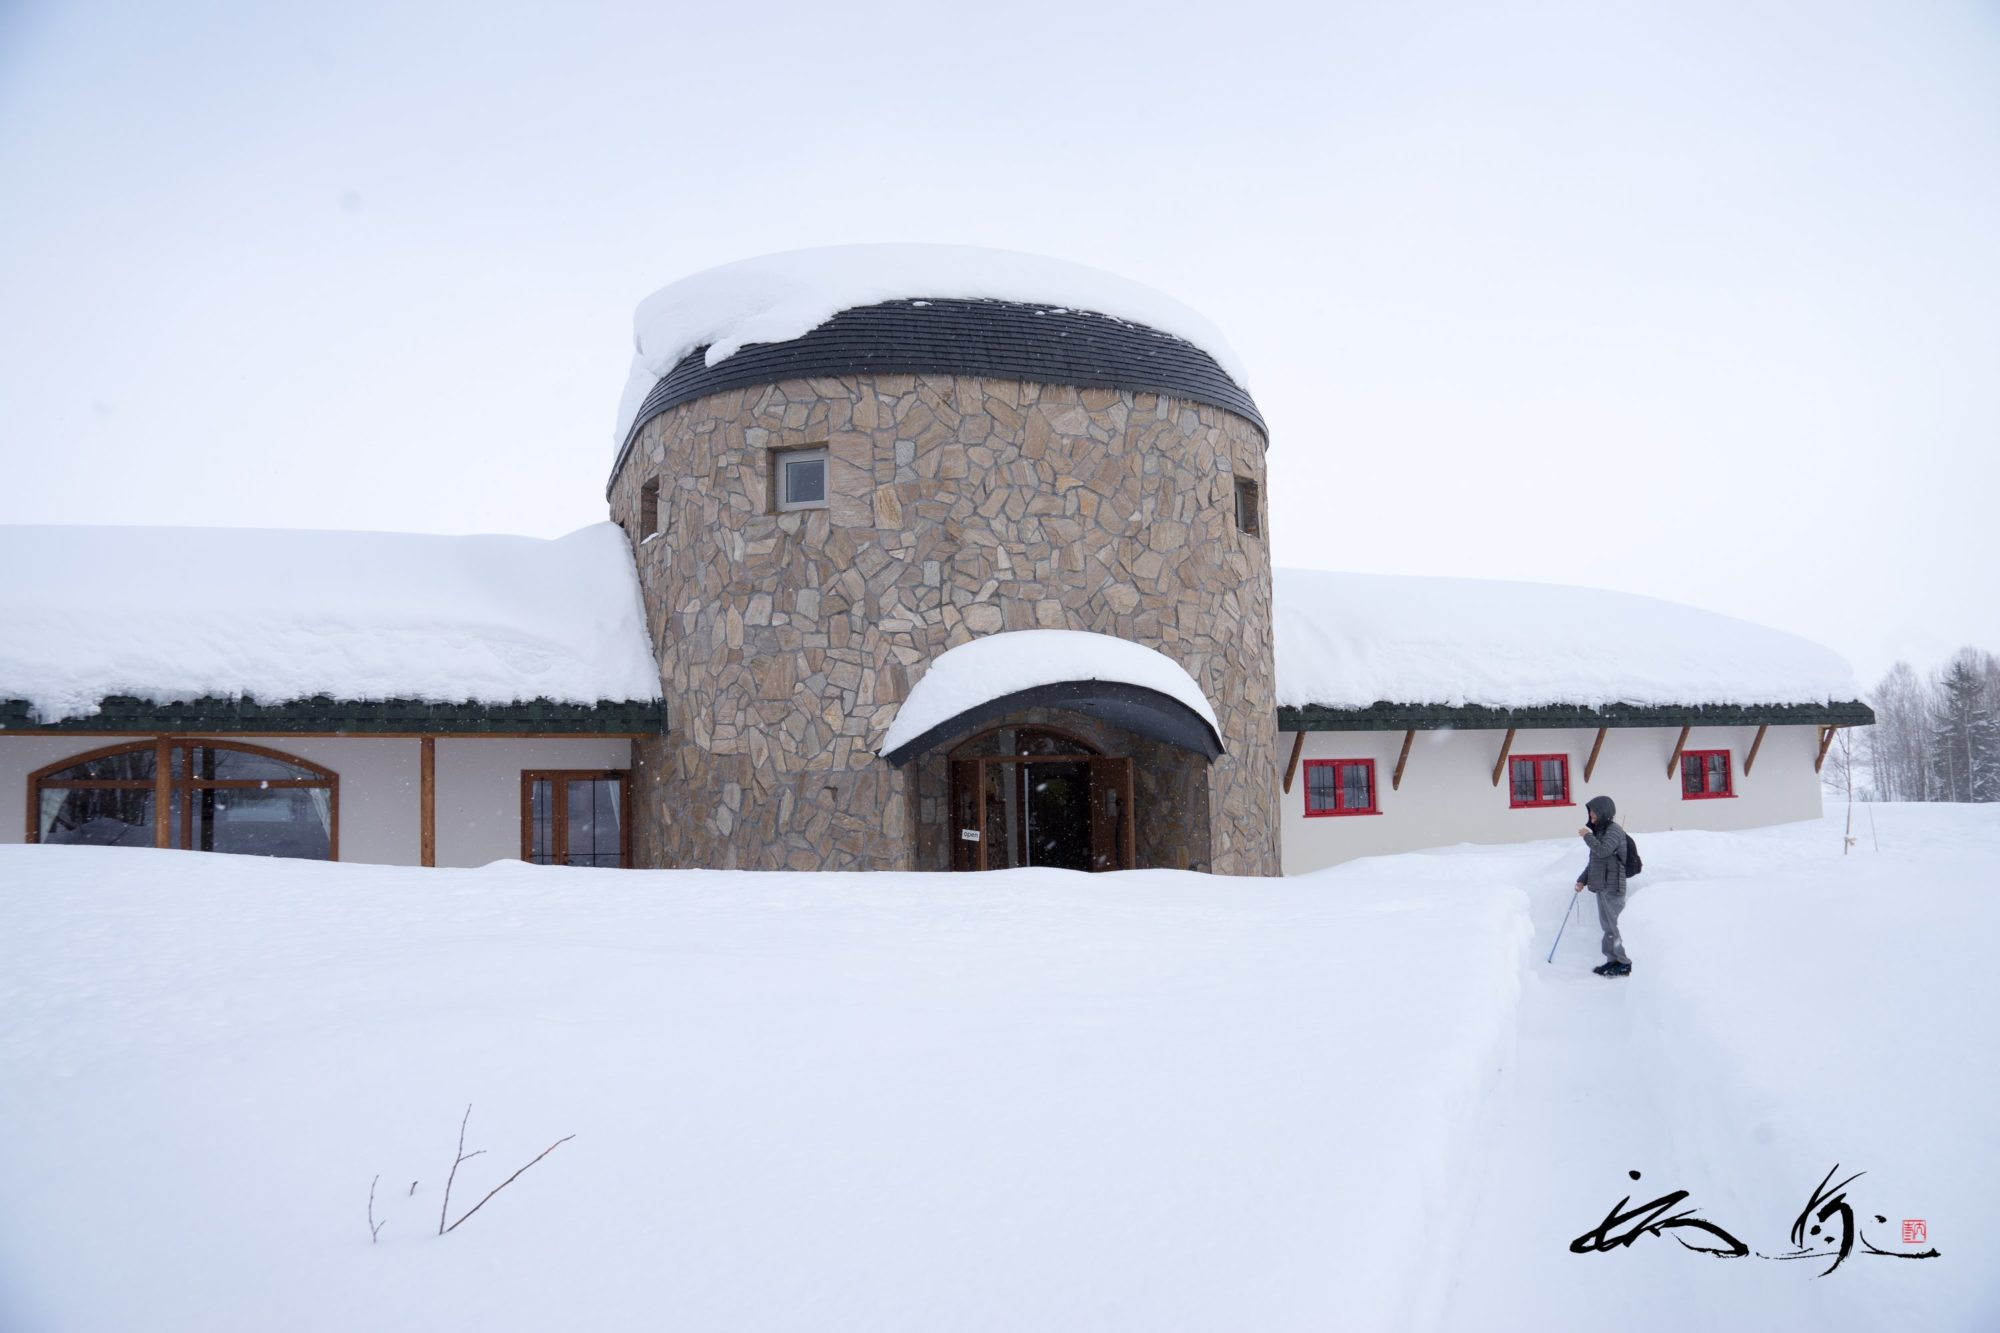 フェルム ラ・テール 美瑛(美瑛町)で美しい冬景色とランチを堪能